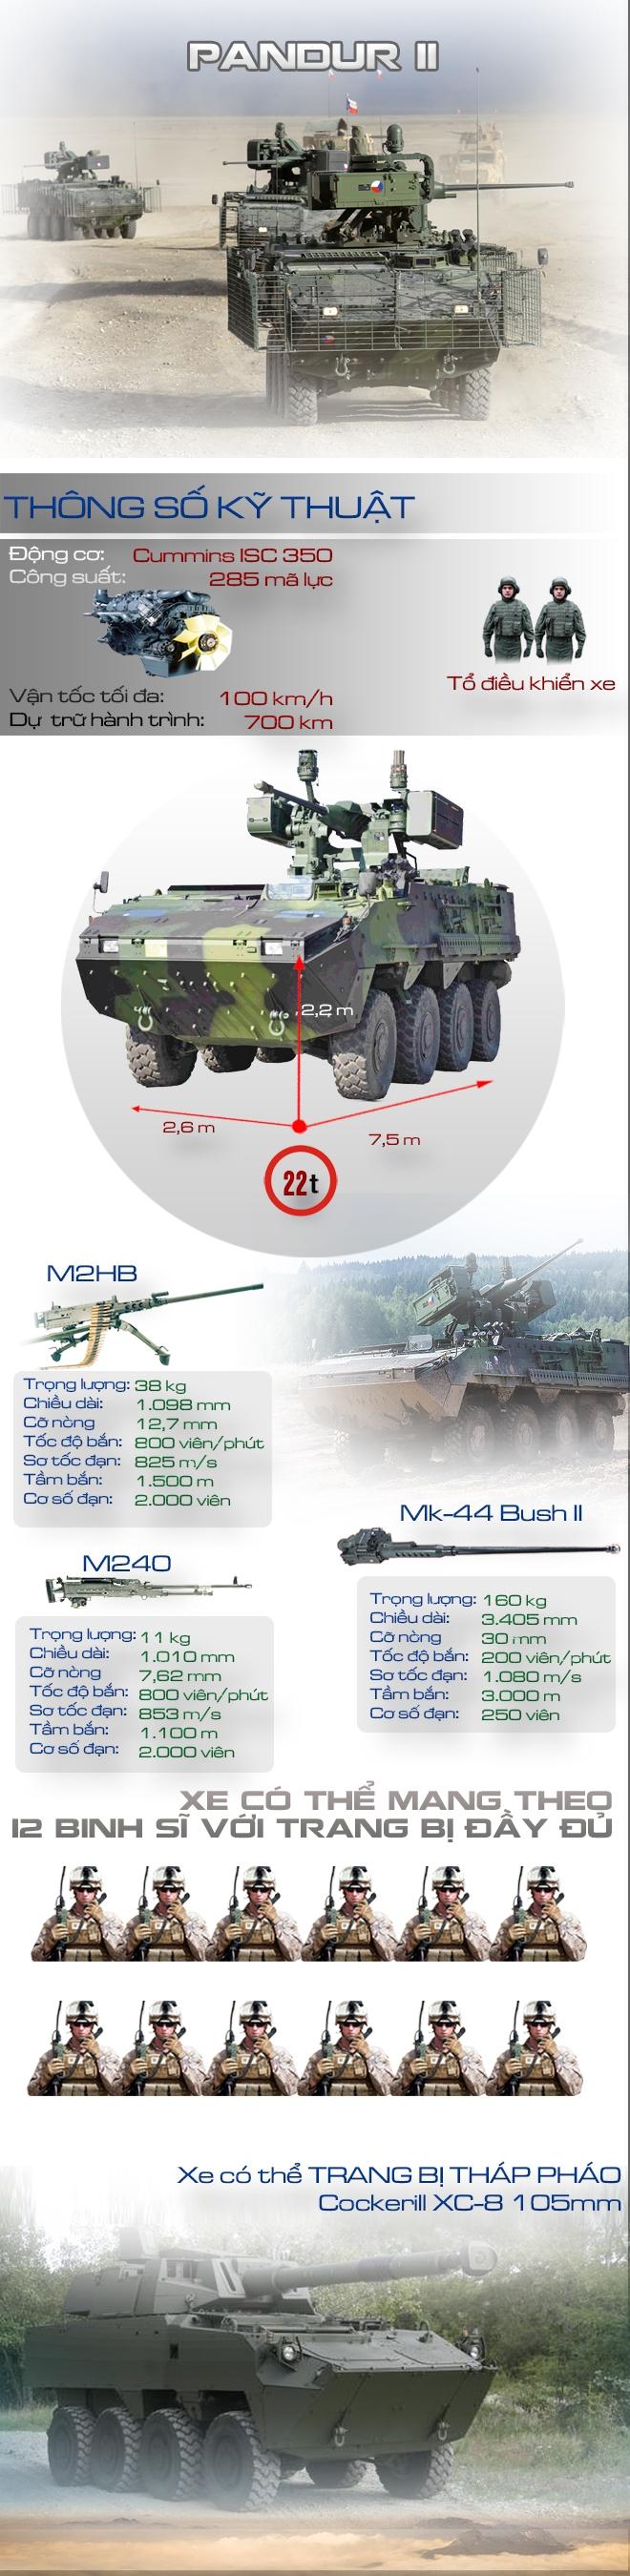 Khám phá tính năng xe thiết giáp hiện đại như trong phim sắp đổ bộ vào Đông Nam Á - Ảnh 1.